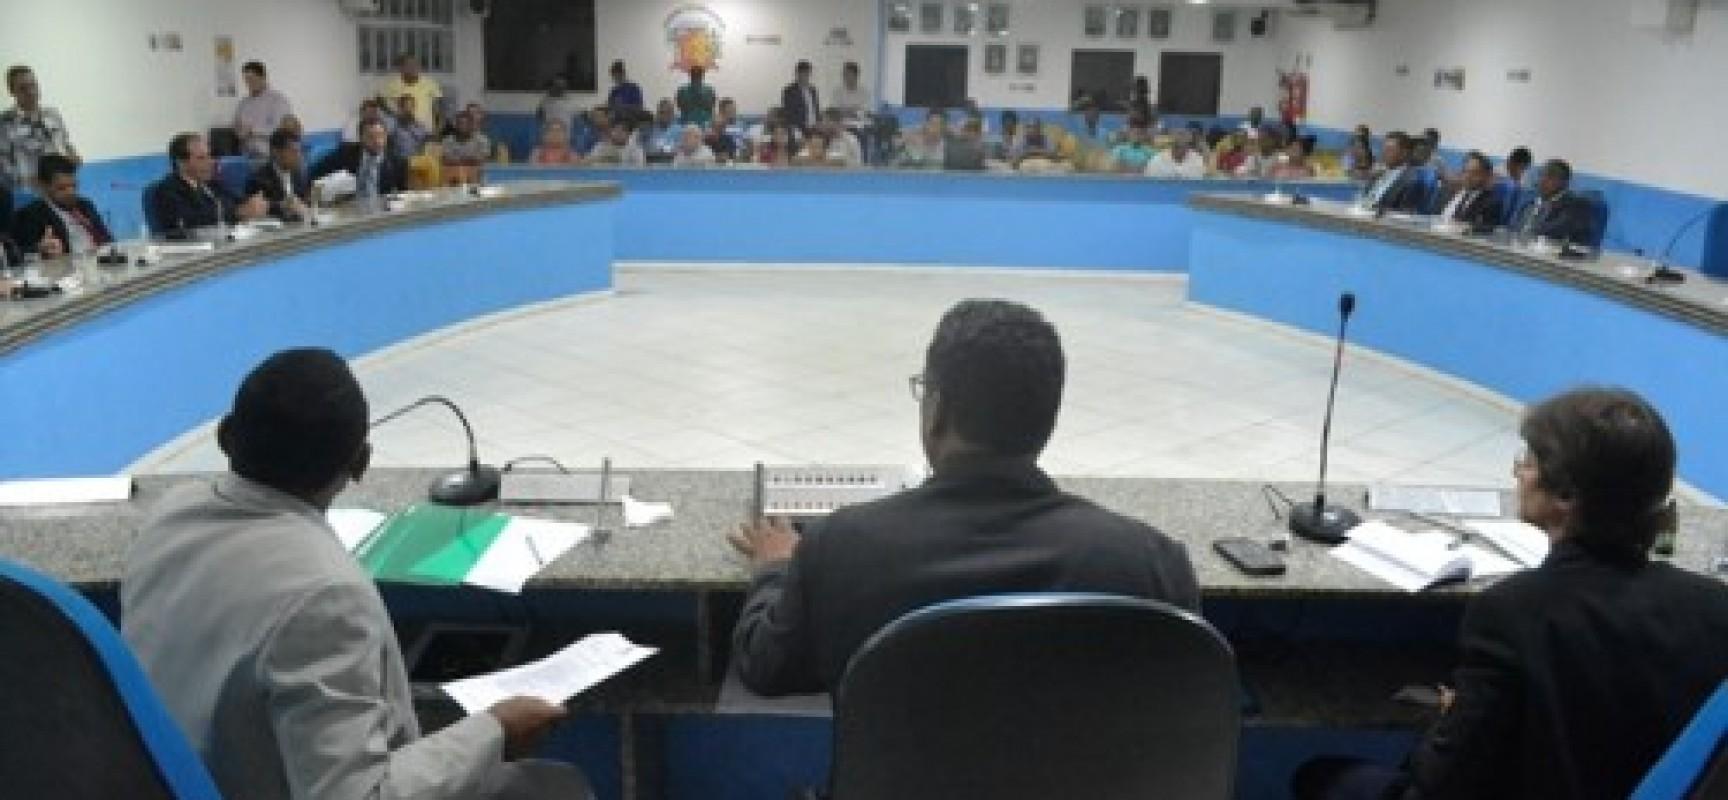 Agenda de audiências públicas discute LDO 2018 em Ilhéus